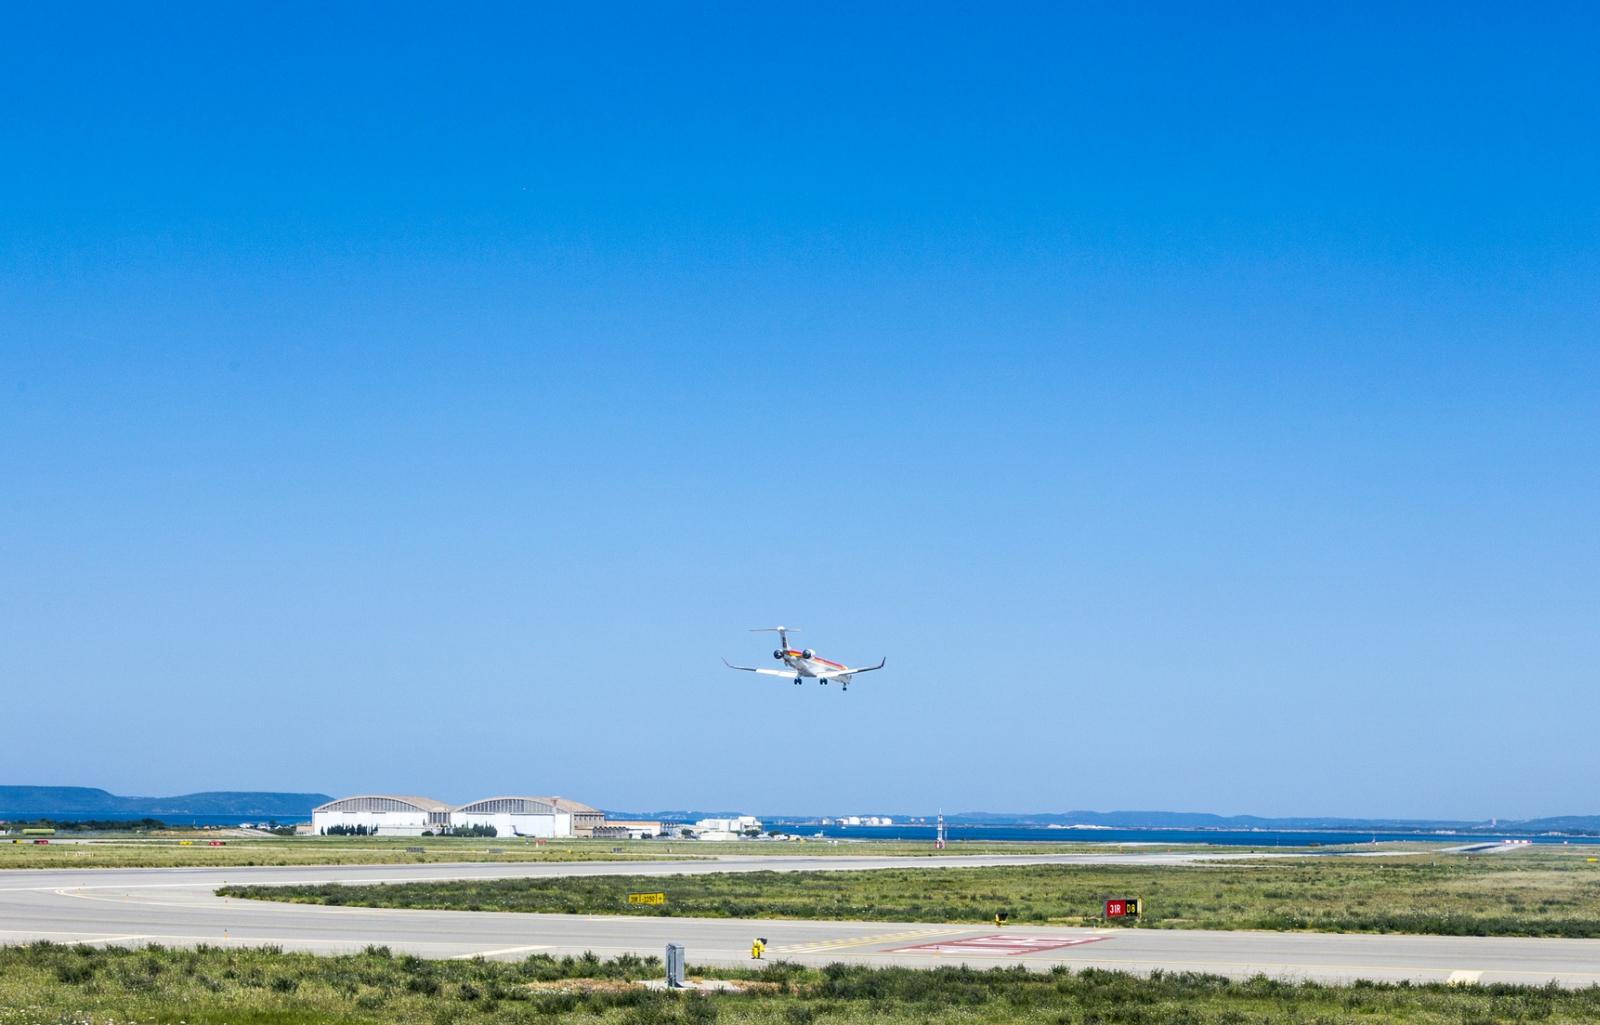 Insgesamt erreichte der Flughafen in Marseile im Jahre 2016 einen Umsatz von 134 Millionen Euro, was einer Steigerung von 3 Prozent entspricht.